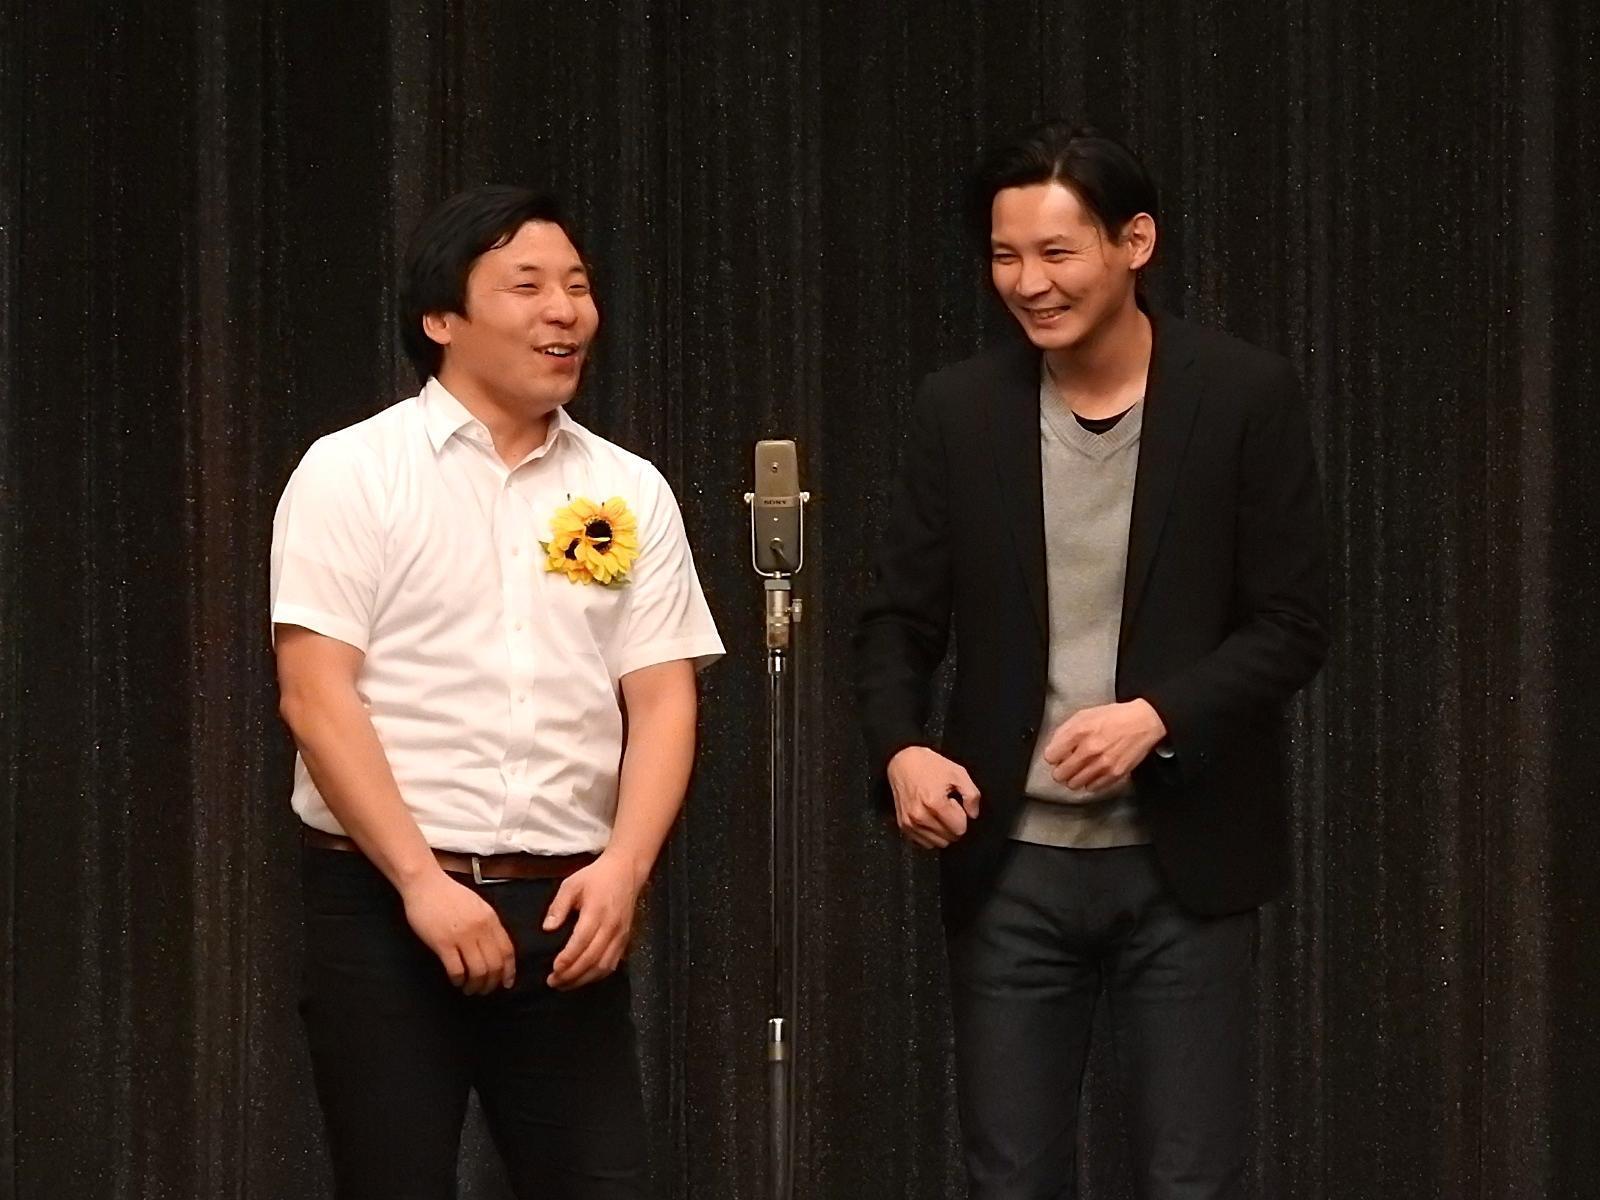 http://news.yoshimoto.co.jp/20171231214439-87f988881dff450e5a336707a168bf482f1f27df.jpg